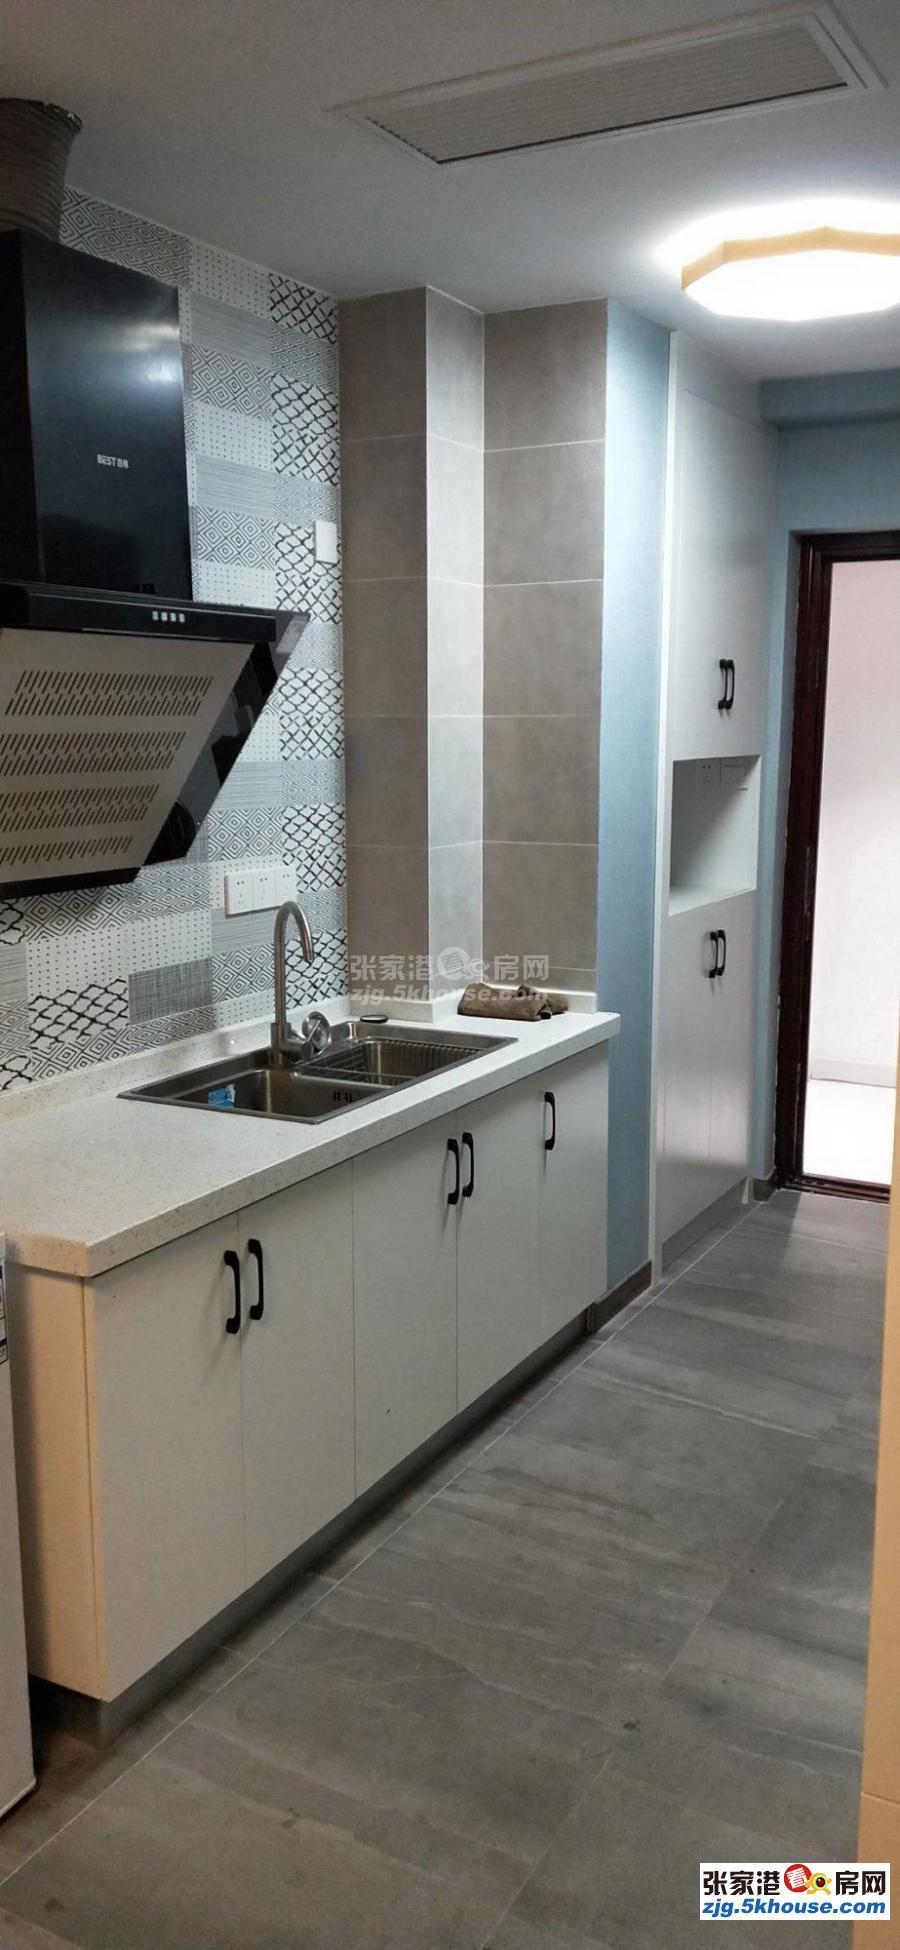 东方新天地一室一厅精装修,家电全齐,随时看房拎包入住。